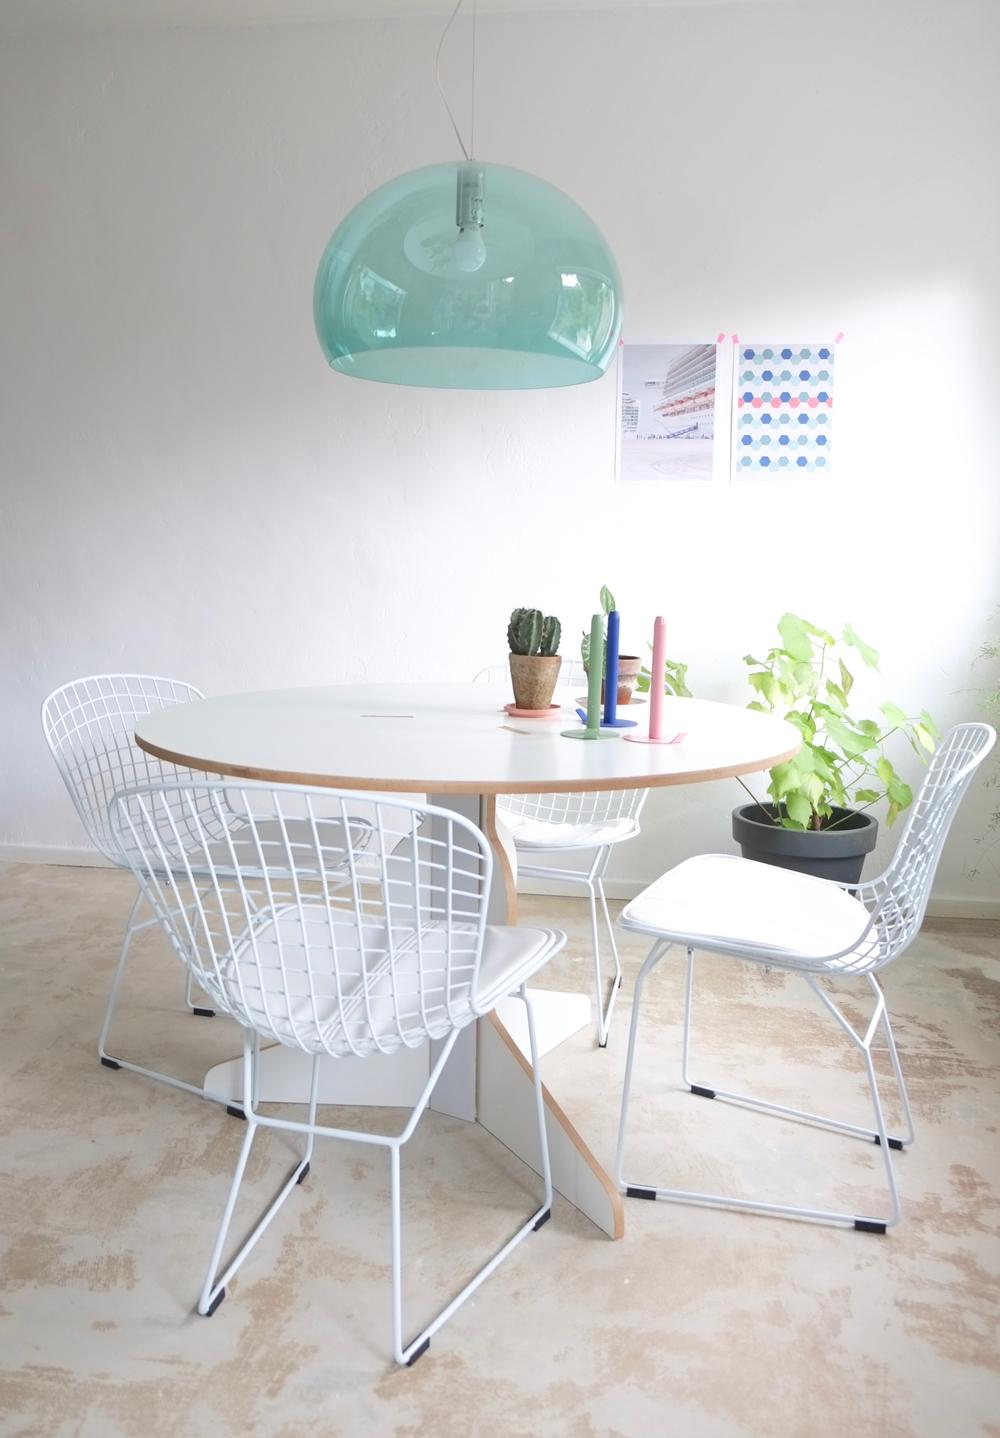 Eetkamer-designstoel4u-eettafel-eettafelstoelen-stoelen-interieuradvies-interieurontwerp-interieurstyling.3